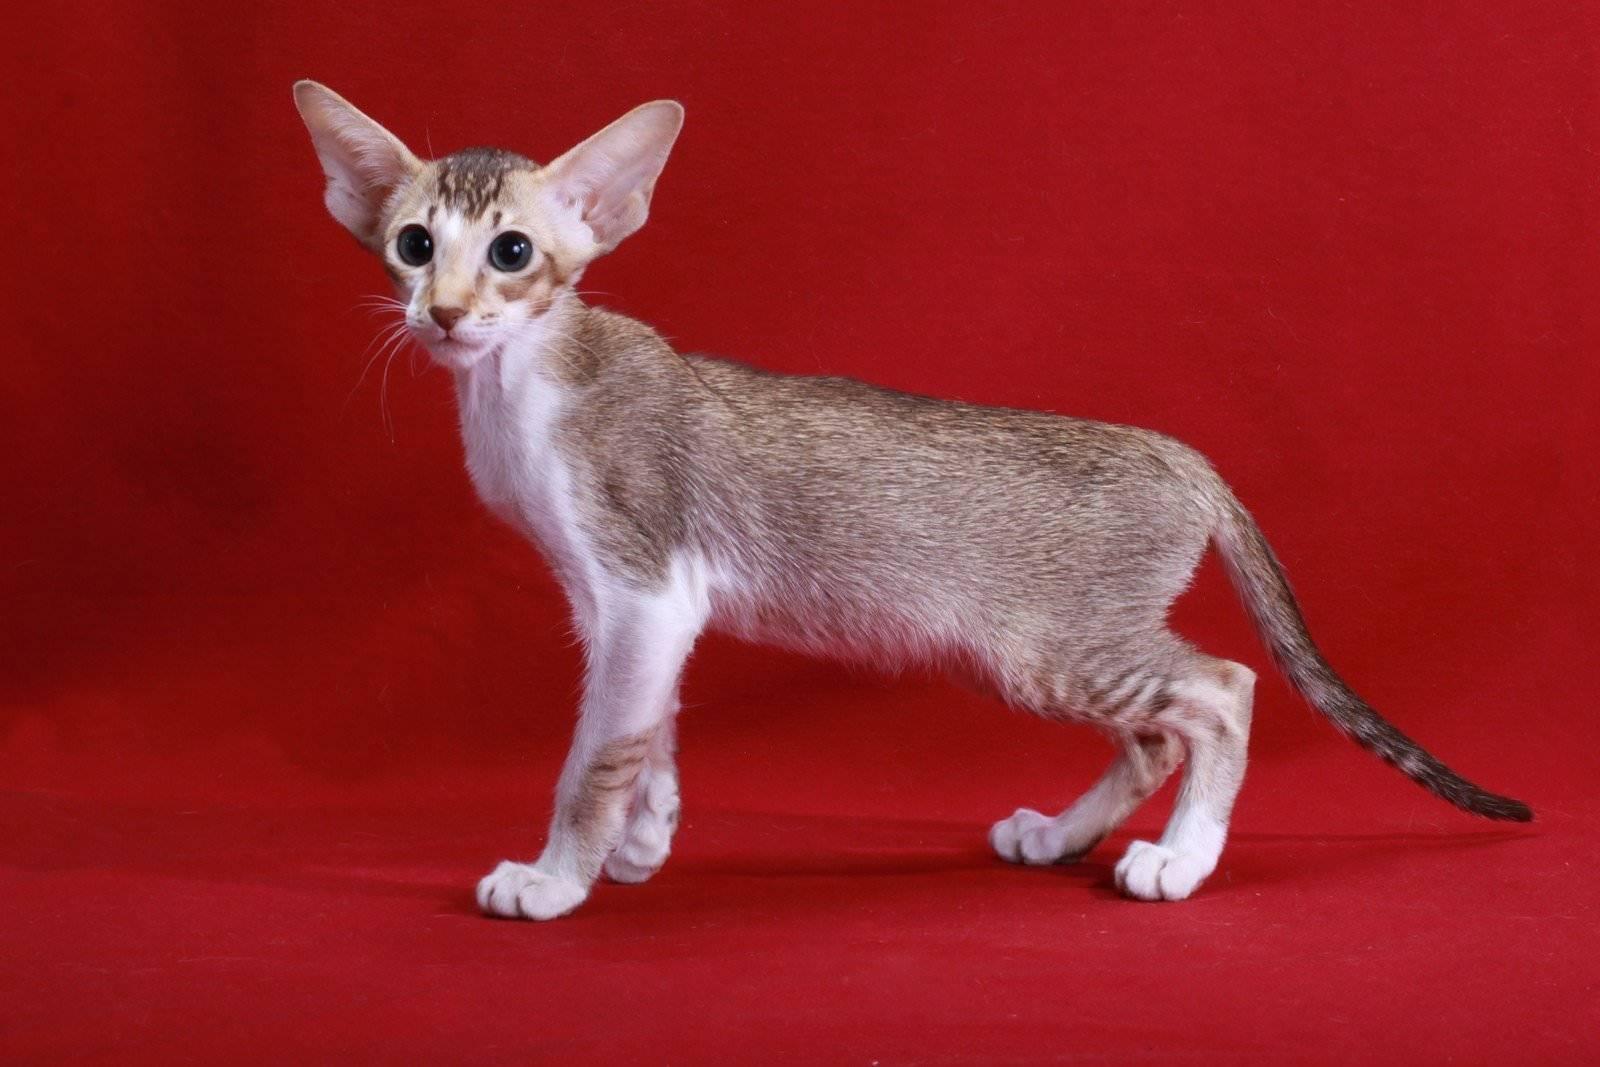 Тайская кошка: все о кошке, фото, описание породы, характер, цена